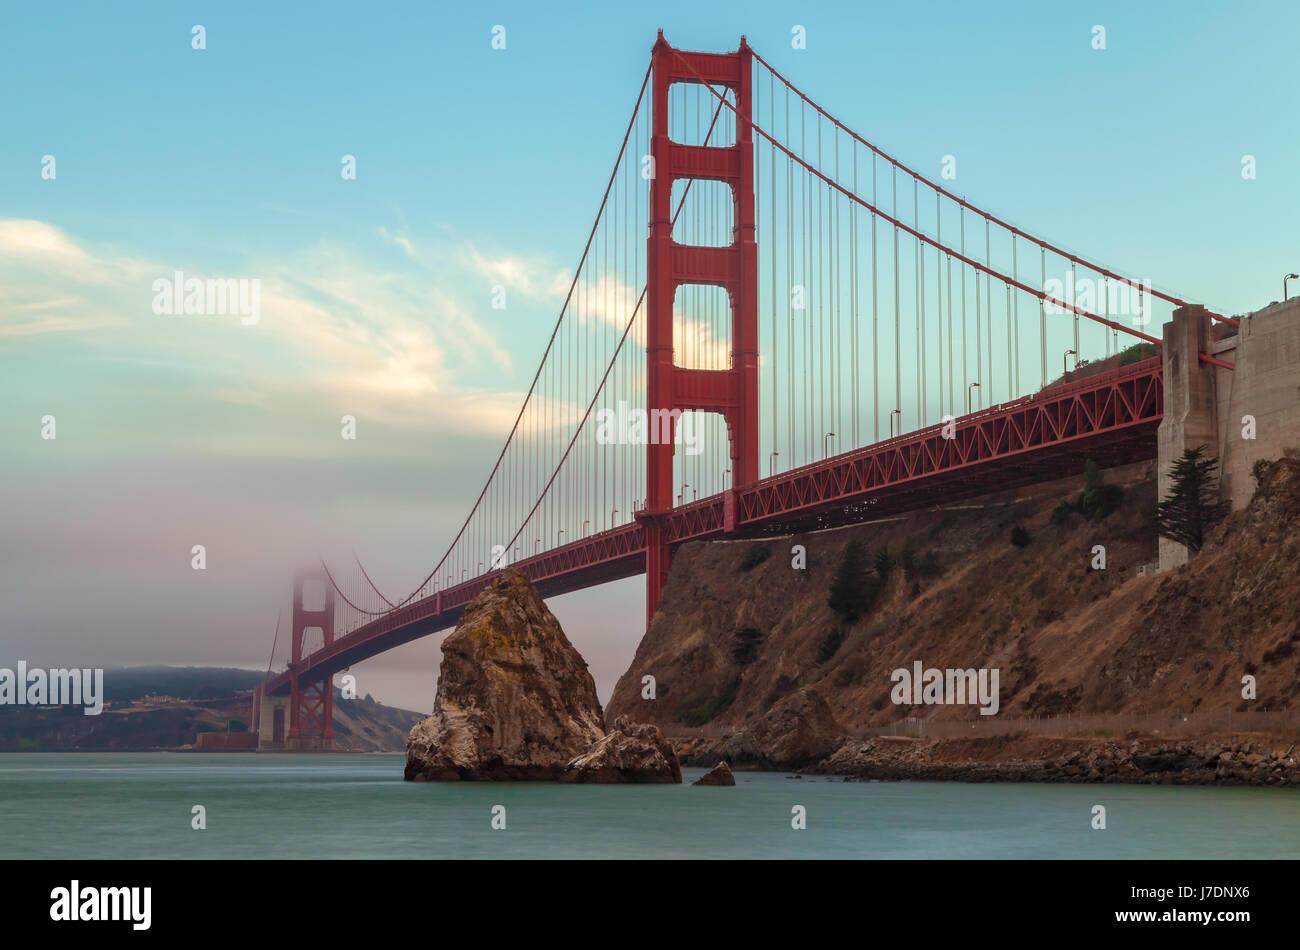 El puente Golden Gate en san Francisco, California Imagen De Stock